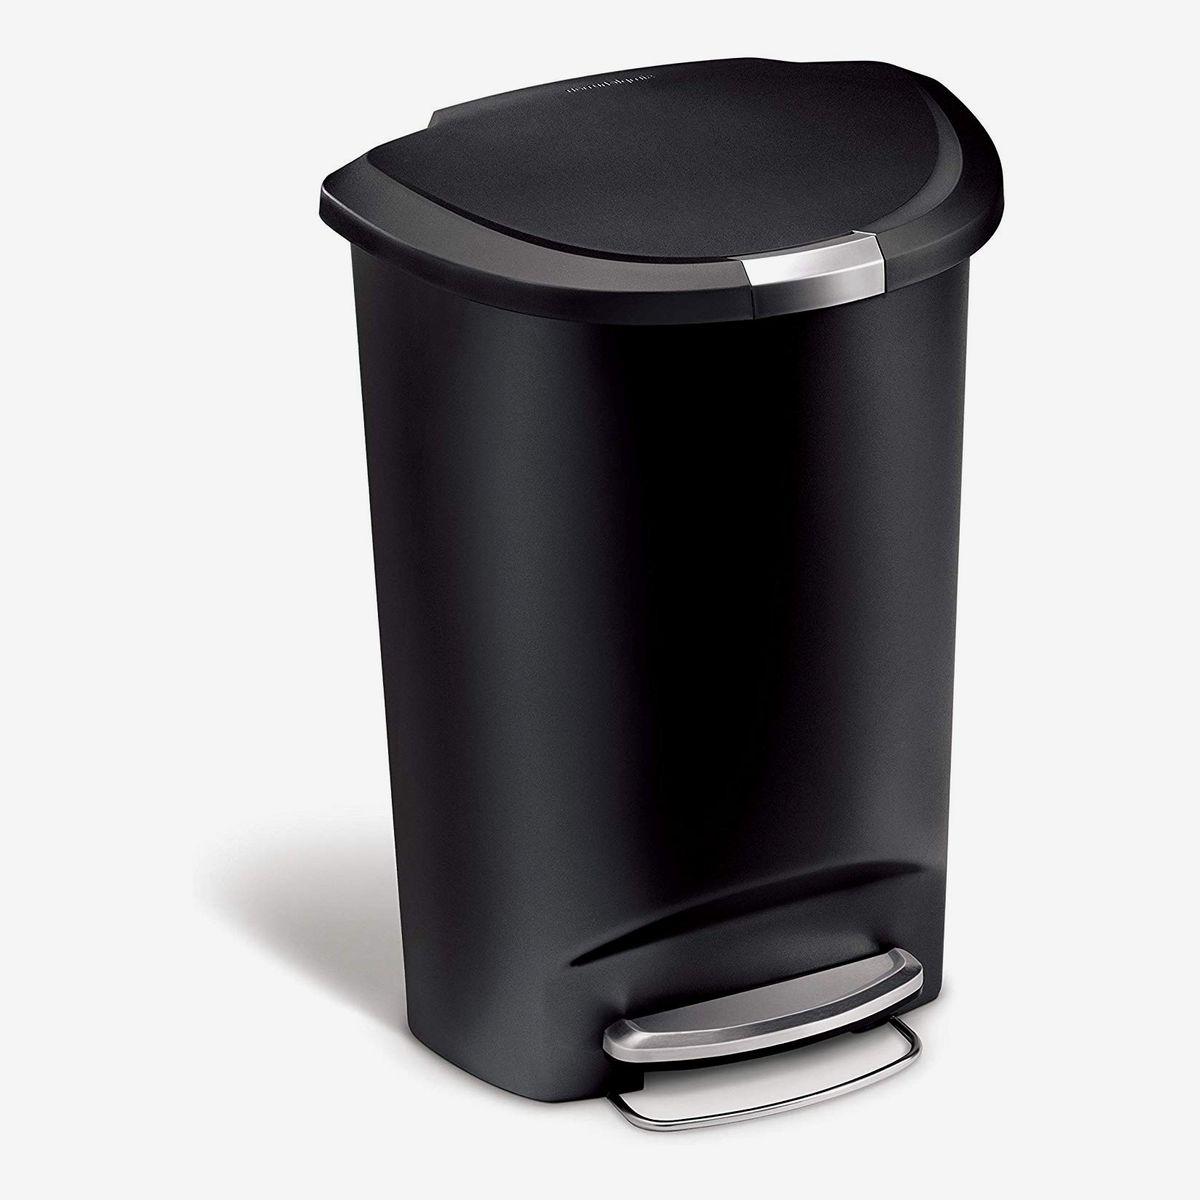 Waste Paper Bin Waste Basket Home Work Office Rubbish Bin Container Dustbin